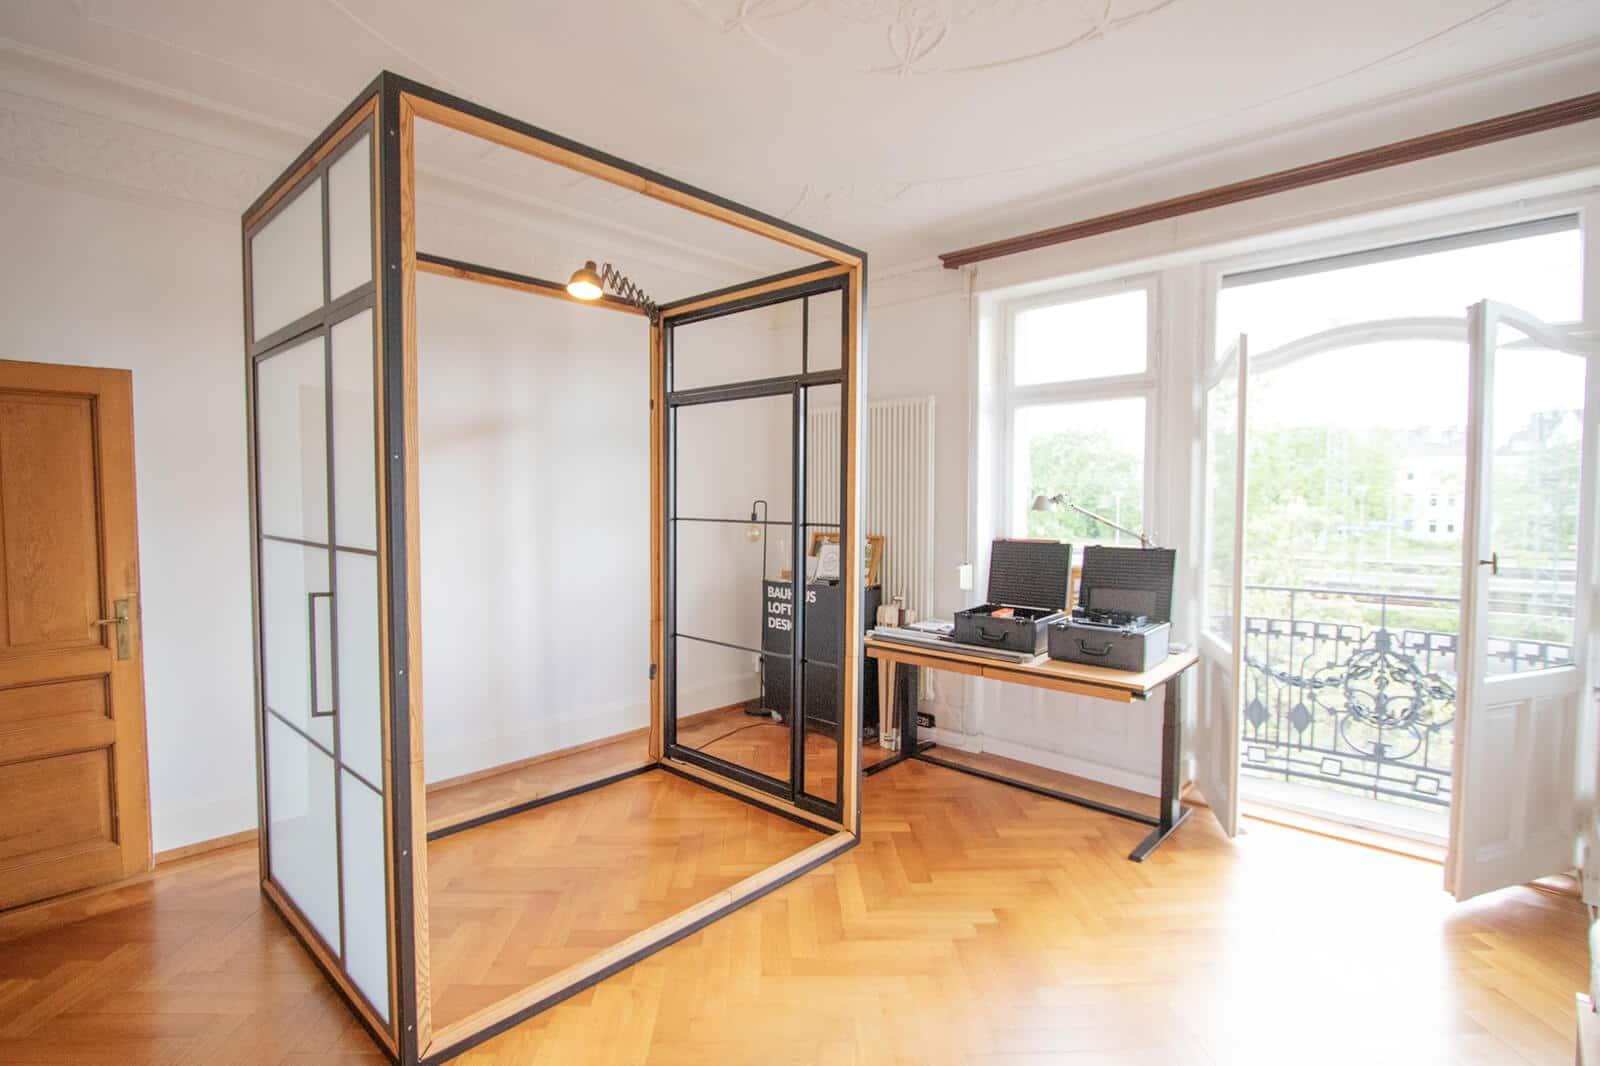 Loftstahl, Loft-stahl.de, N51E12, Showroom Offenbach, Frankfurt, Designbett, Stahl Loft Tür, Ausstellung, Office